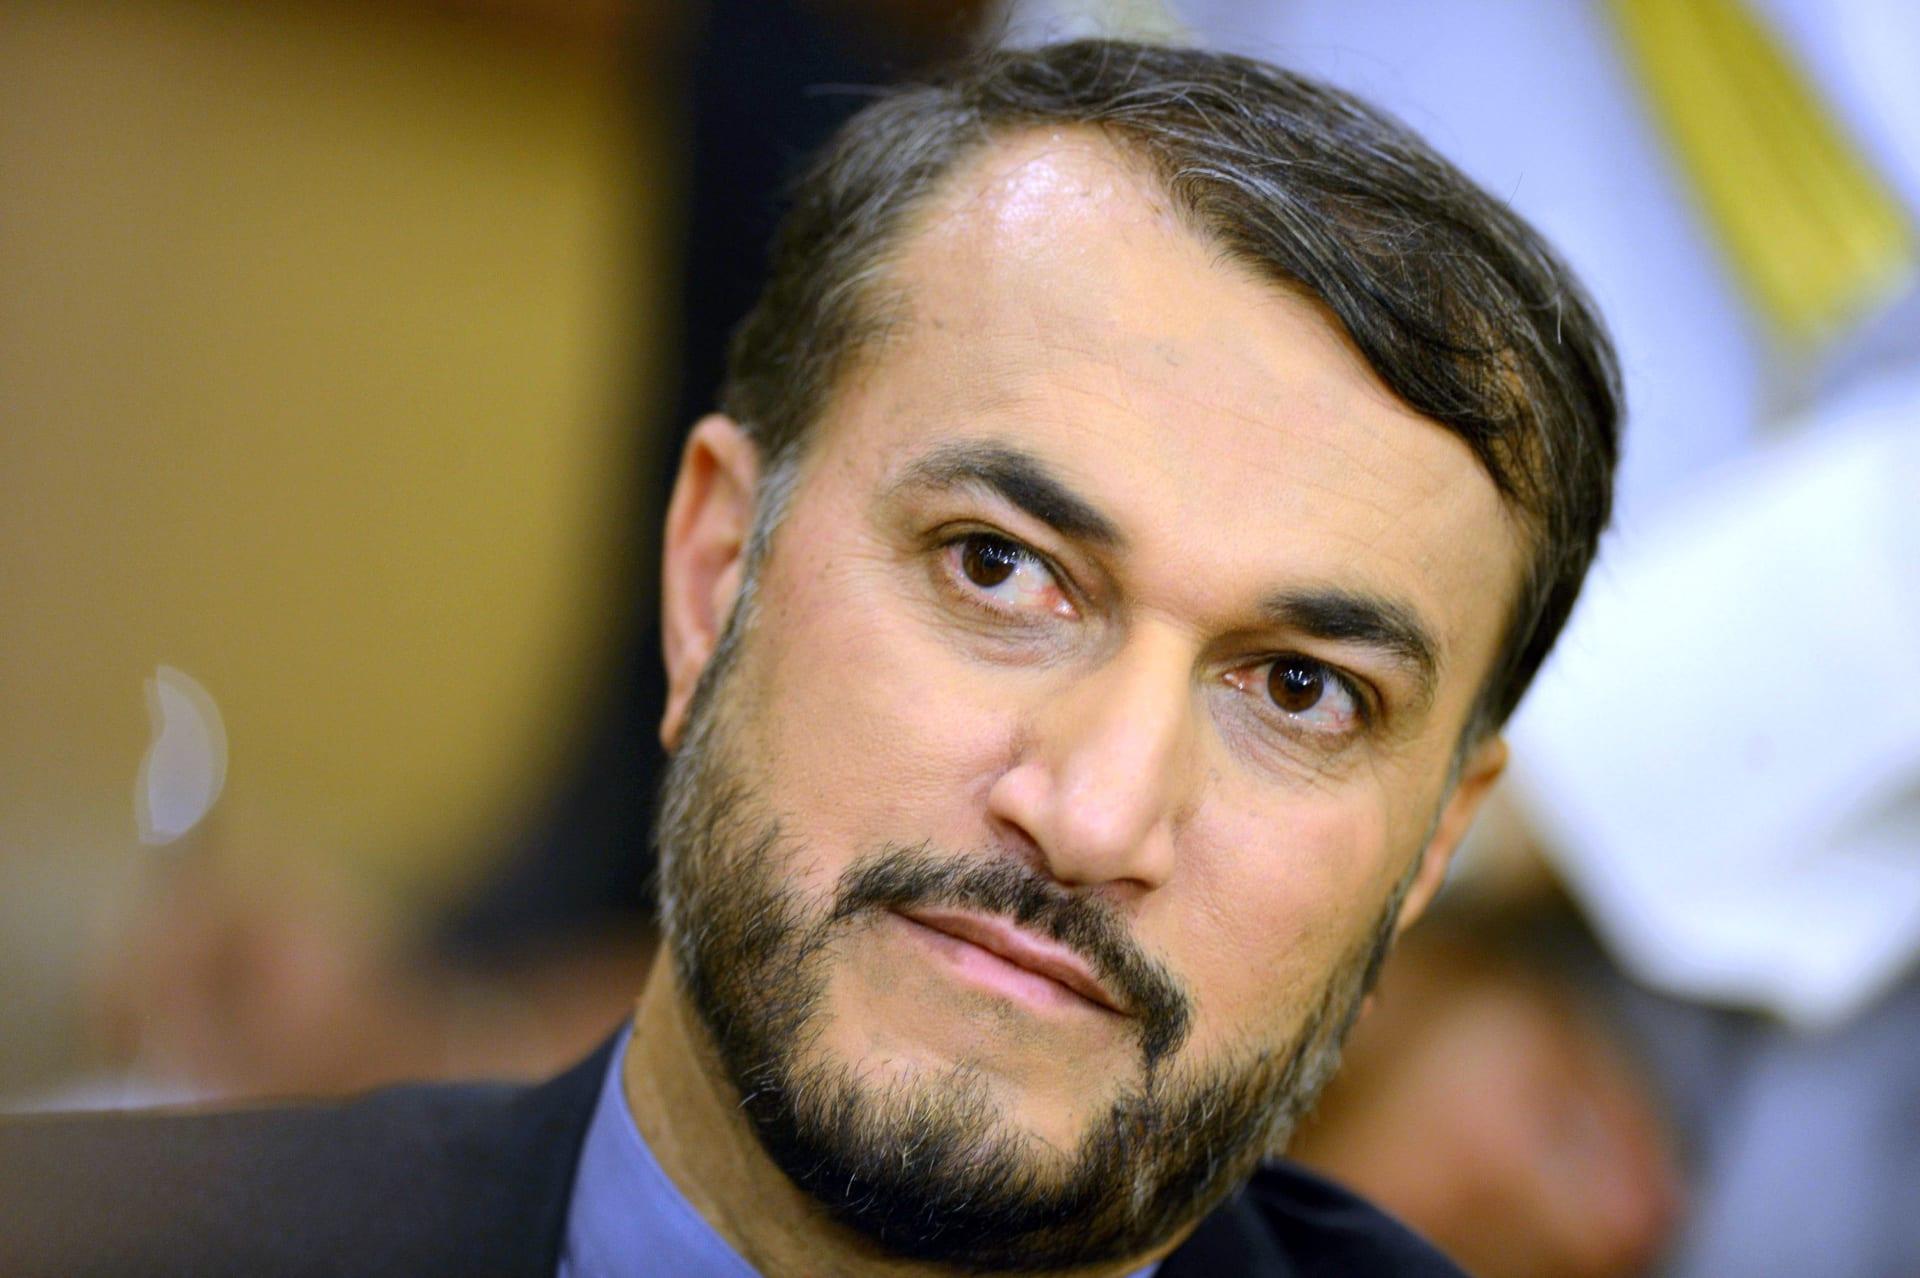 وزير الخارجية الإيراني: كان يجب دعوة سوريا للمشاركة في مؤتمر بغداد